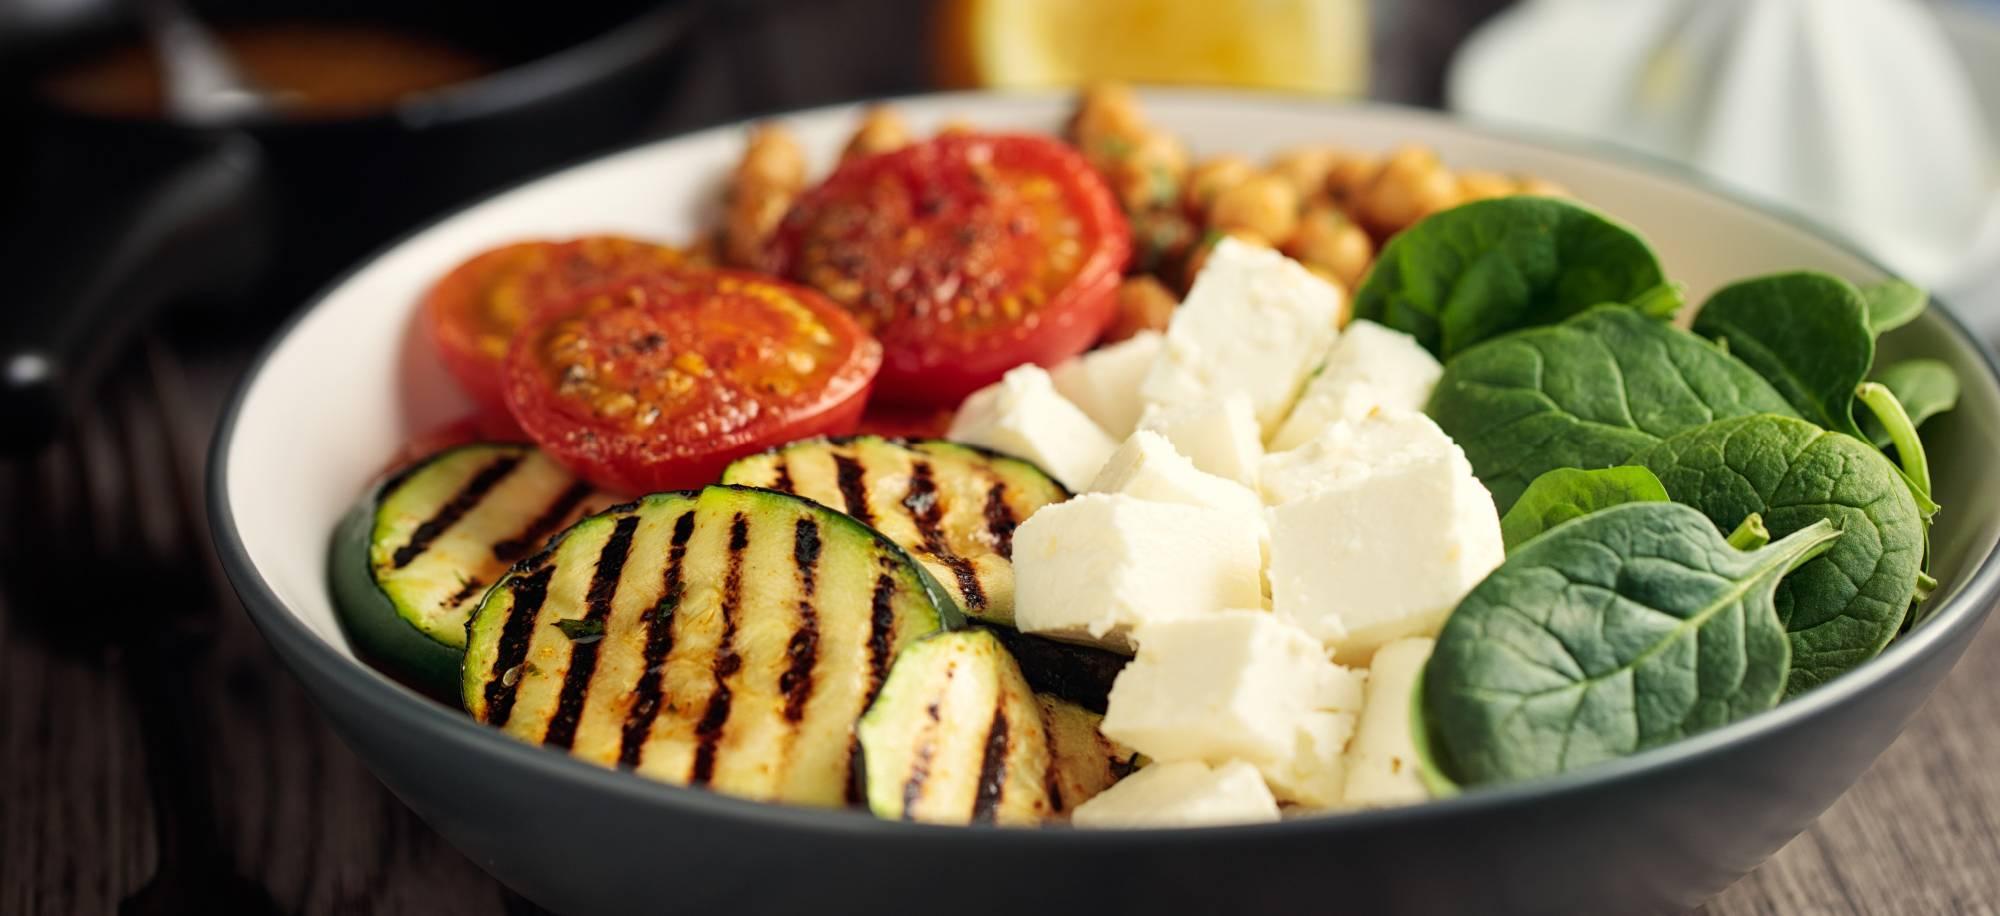 Salade courgette mozzarella